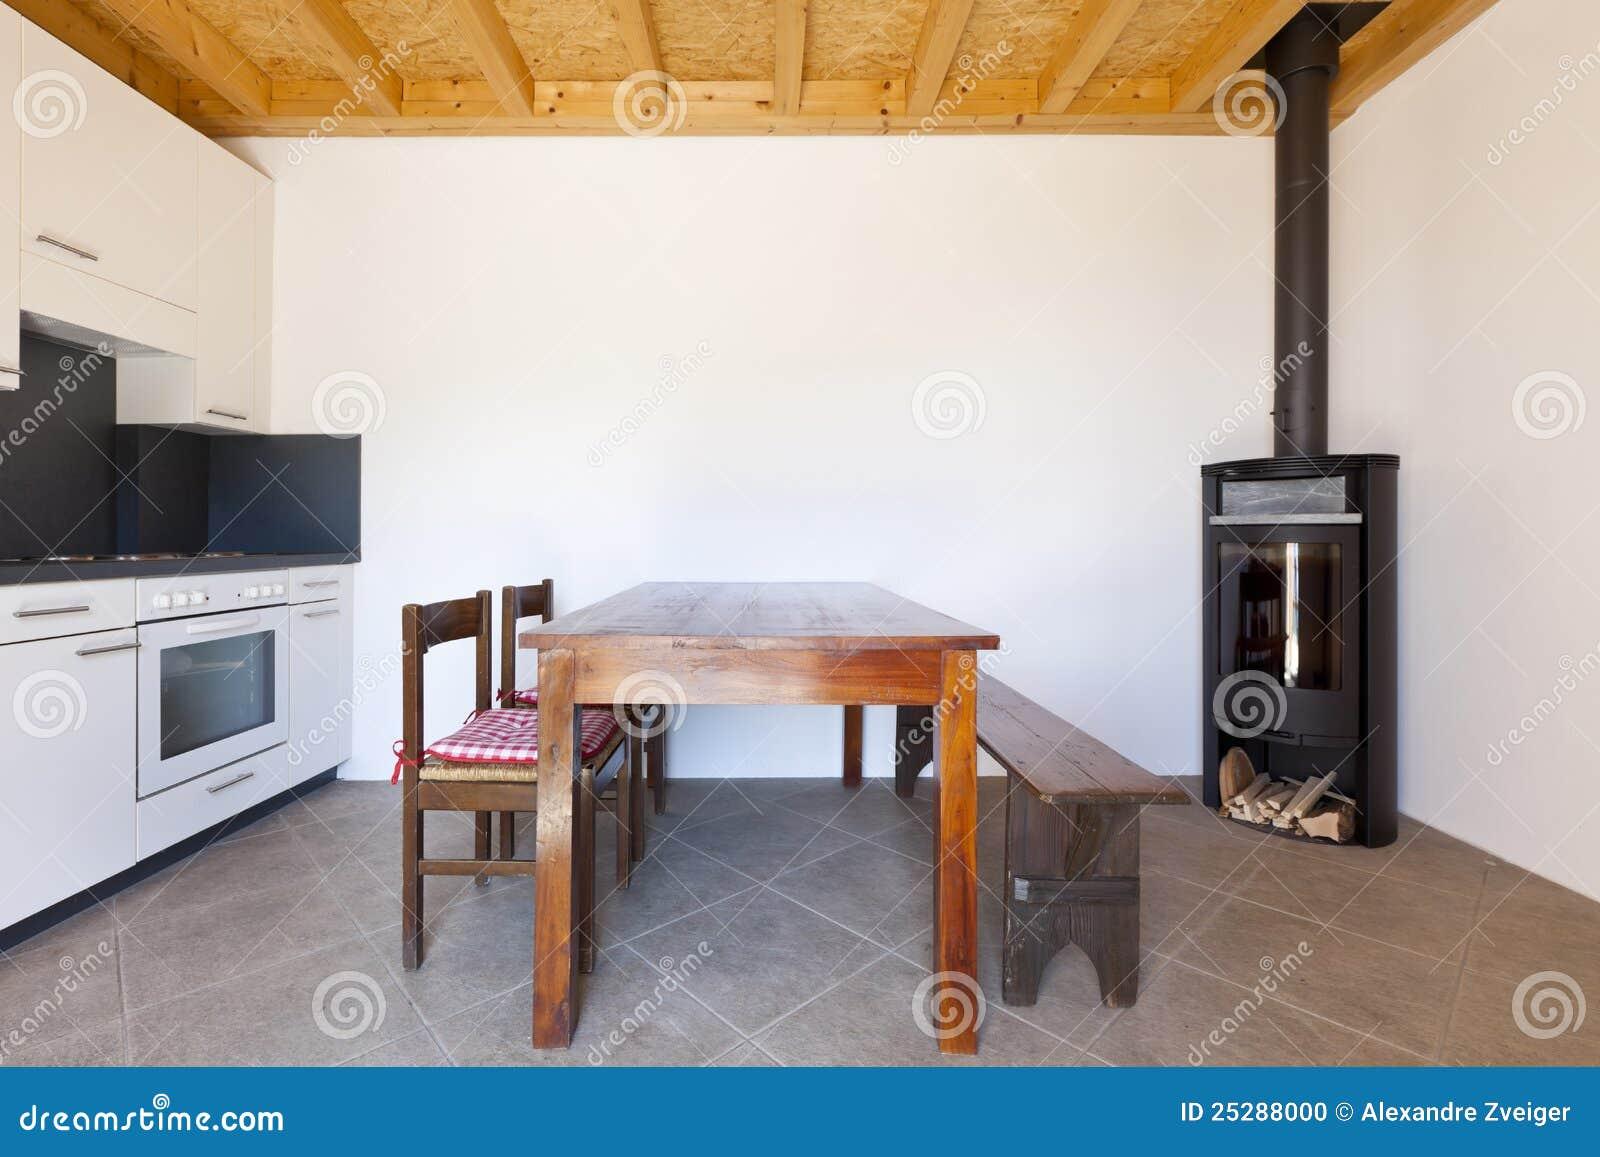 Raum mit Tabellen- und Holzofen